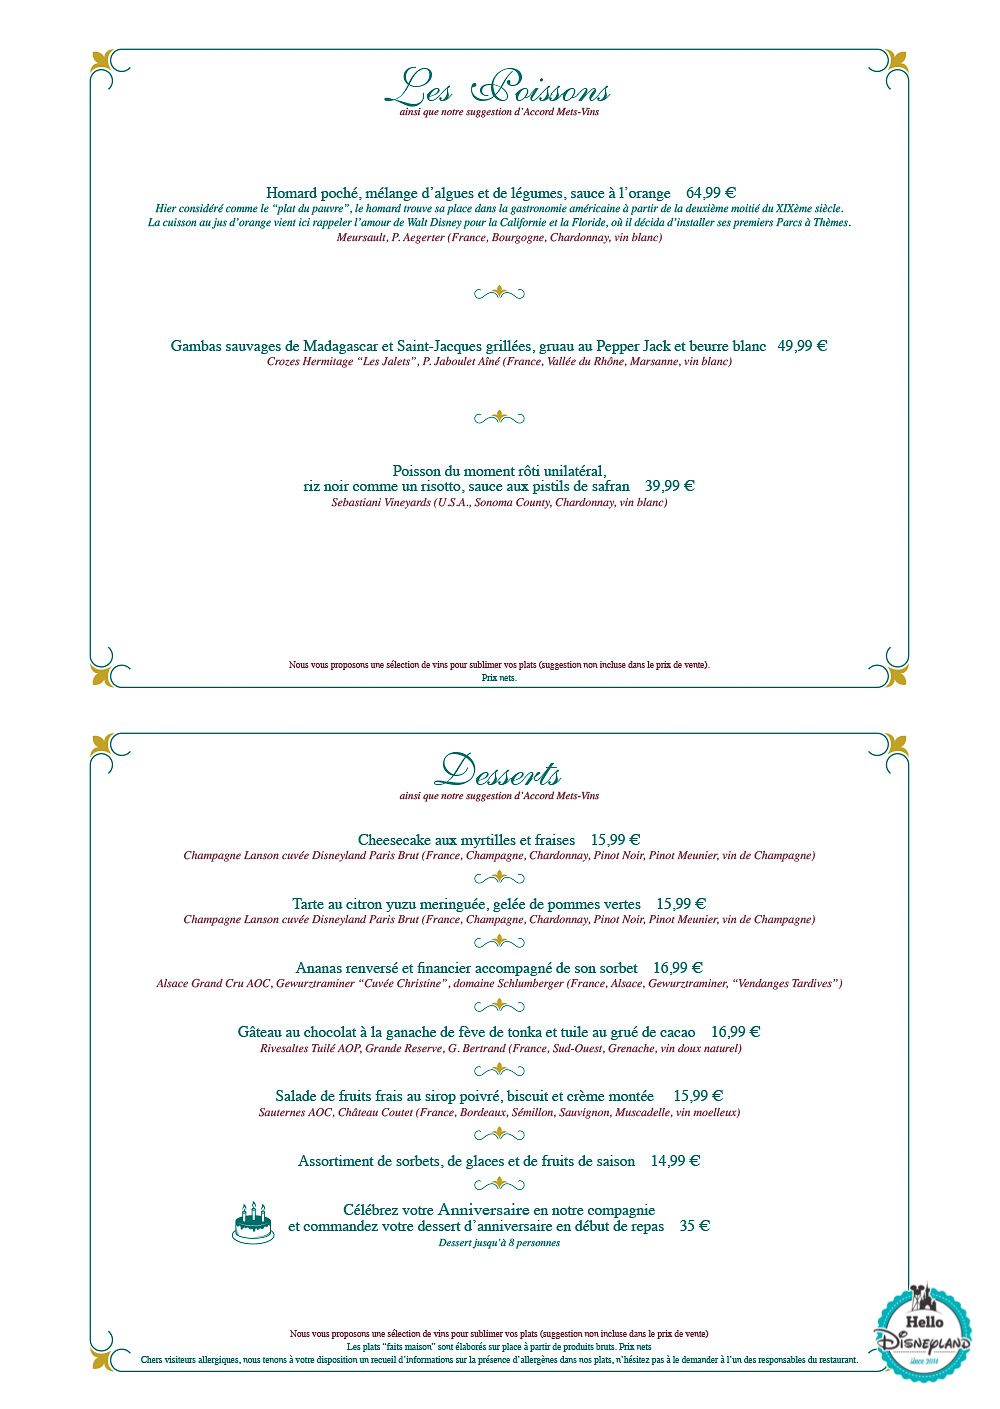 Menus restWalt's – an American Restaurantaurants Disneyland Paris